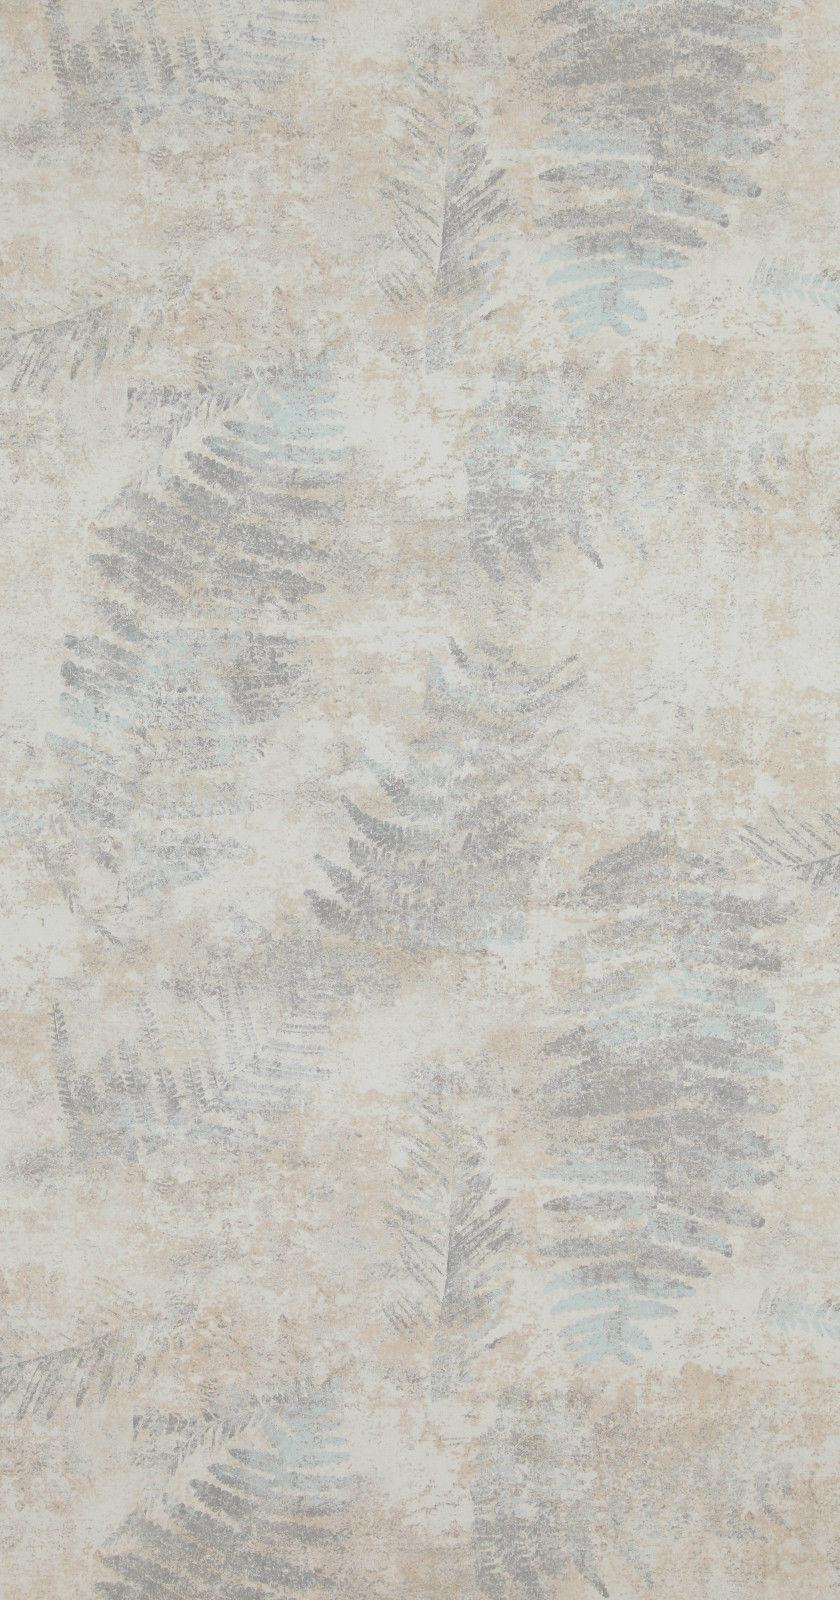 vlies tapete stein beton bl tter zweige creme beige grau t rkis 218450 kaufen bei joratrend e k. Black Bedroom Furniture Sets. Home Design Ideas